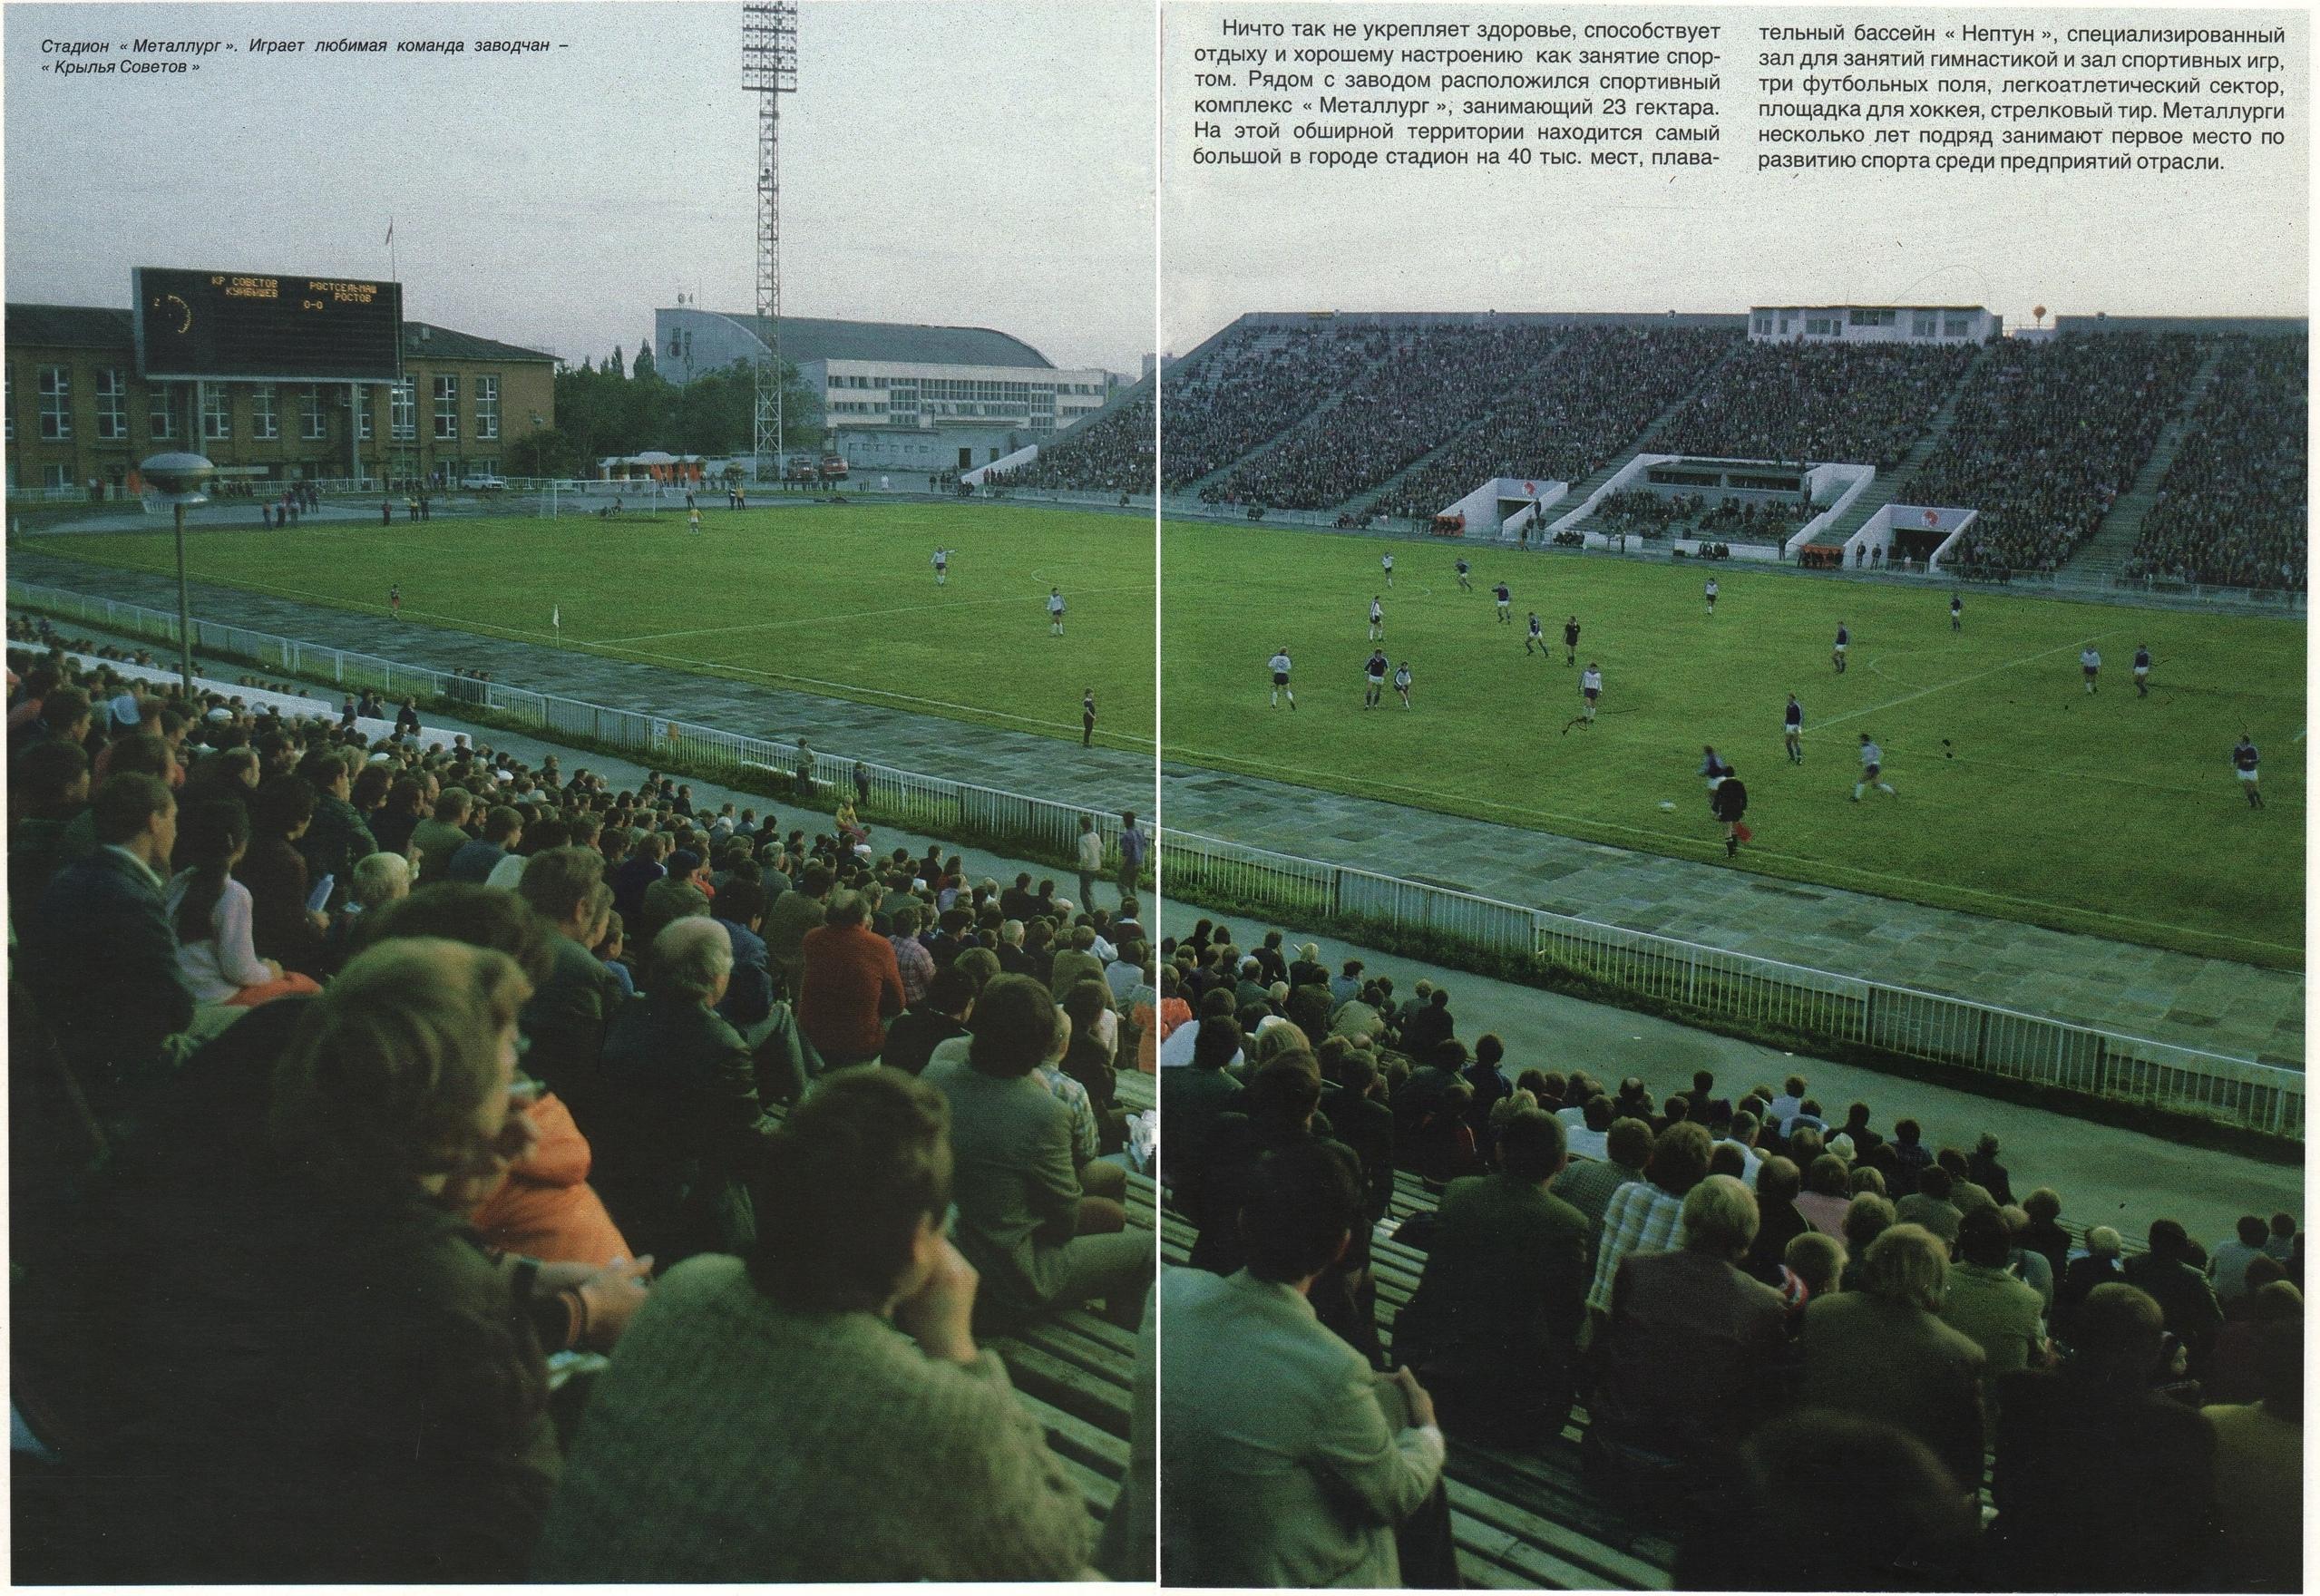 Стадион Крылья Советов в 1980-х годах